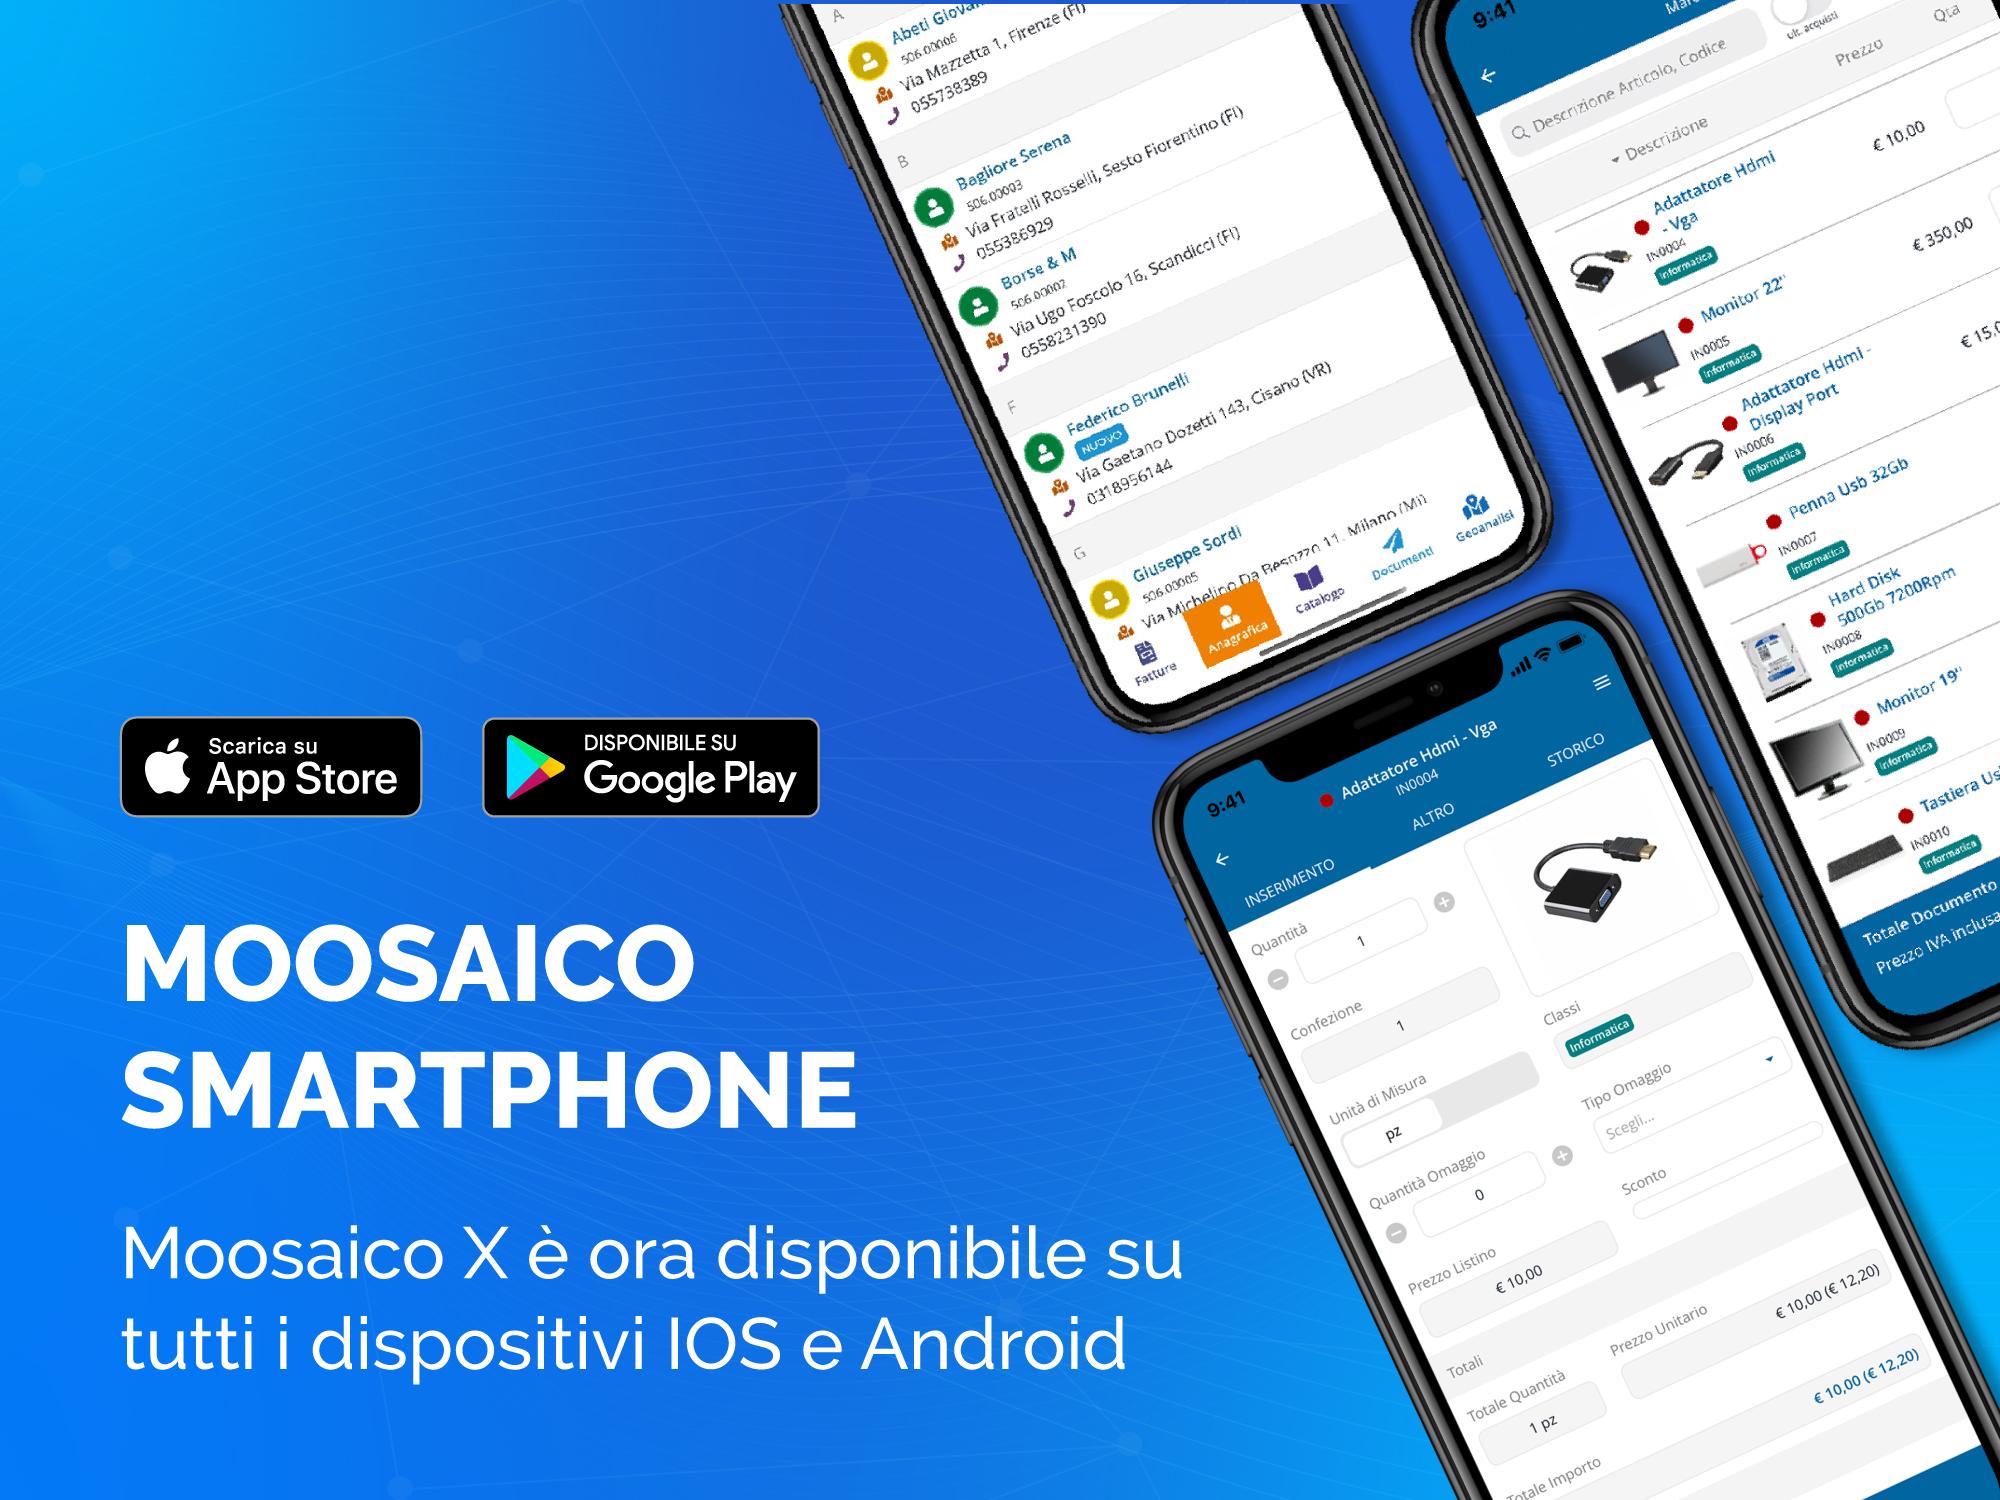 Moosaico arriva su smartphone IOS e Android